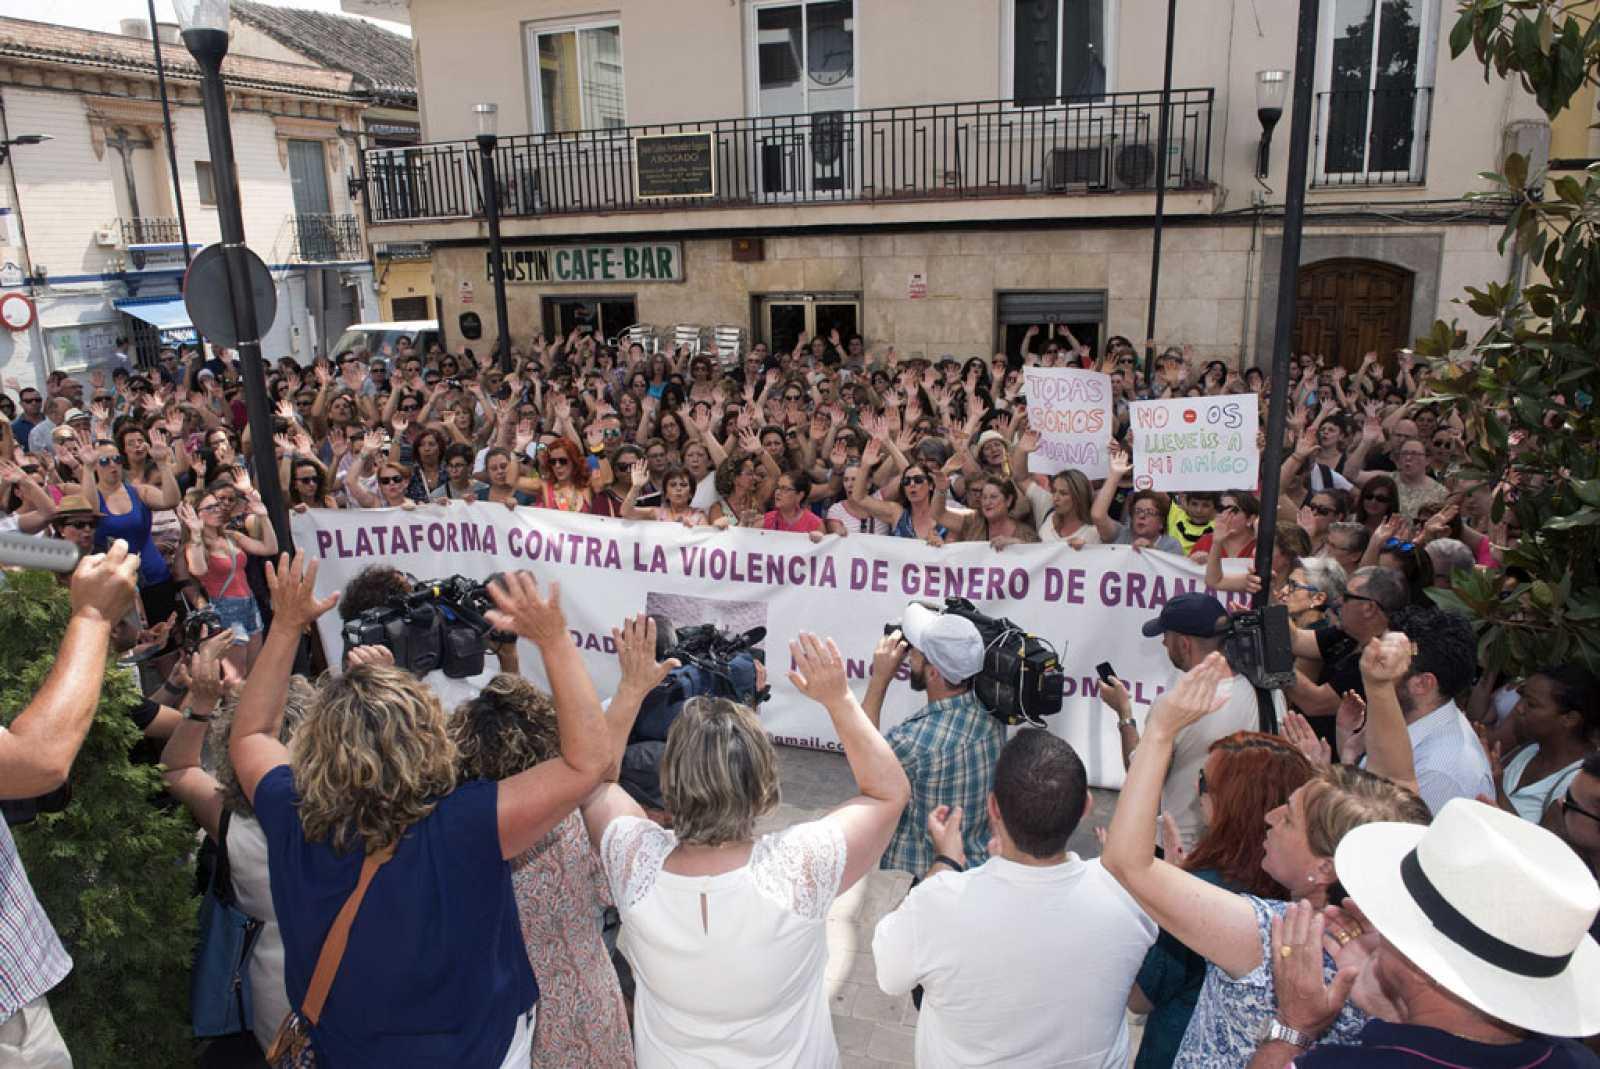 La Junta de Andalucía ofrece personarse en la causa de Rivas, la mujer maltratada que no ha entregado a sus hijos al padre